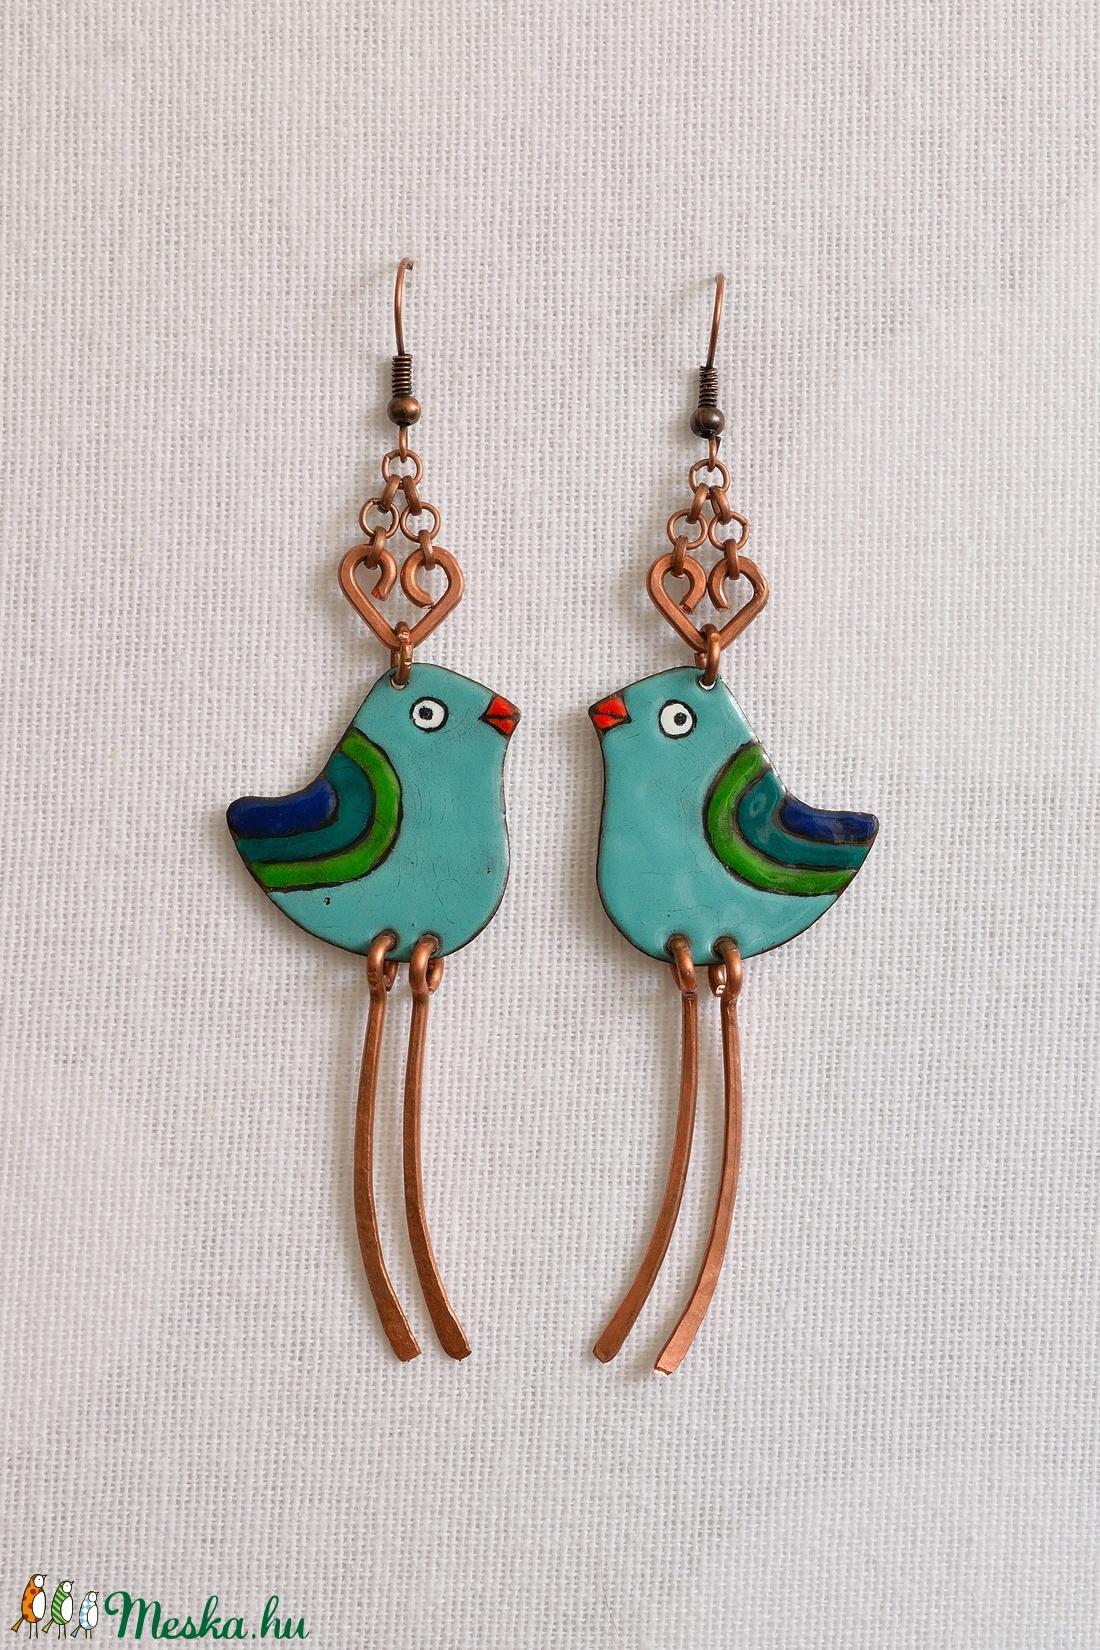 Kék madár, madár fülbevaló, madaras fülbevaló, bordó madaras fülbevaló (Neki) - Meska.hu